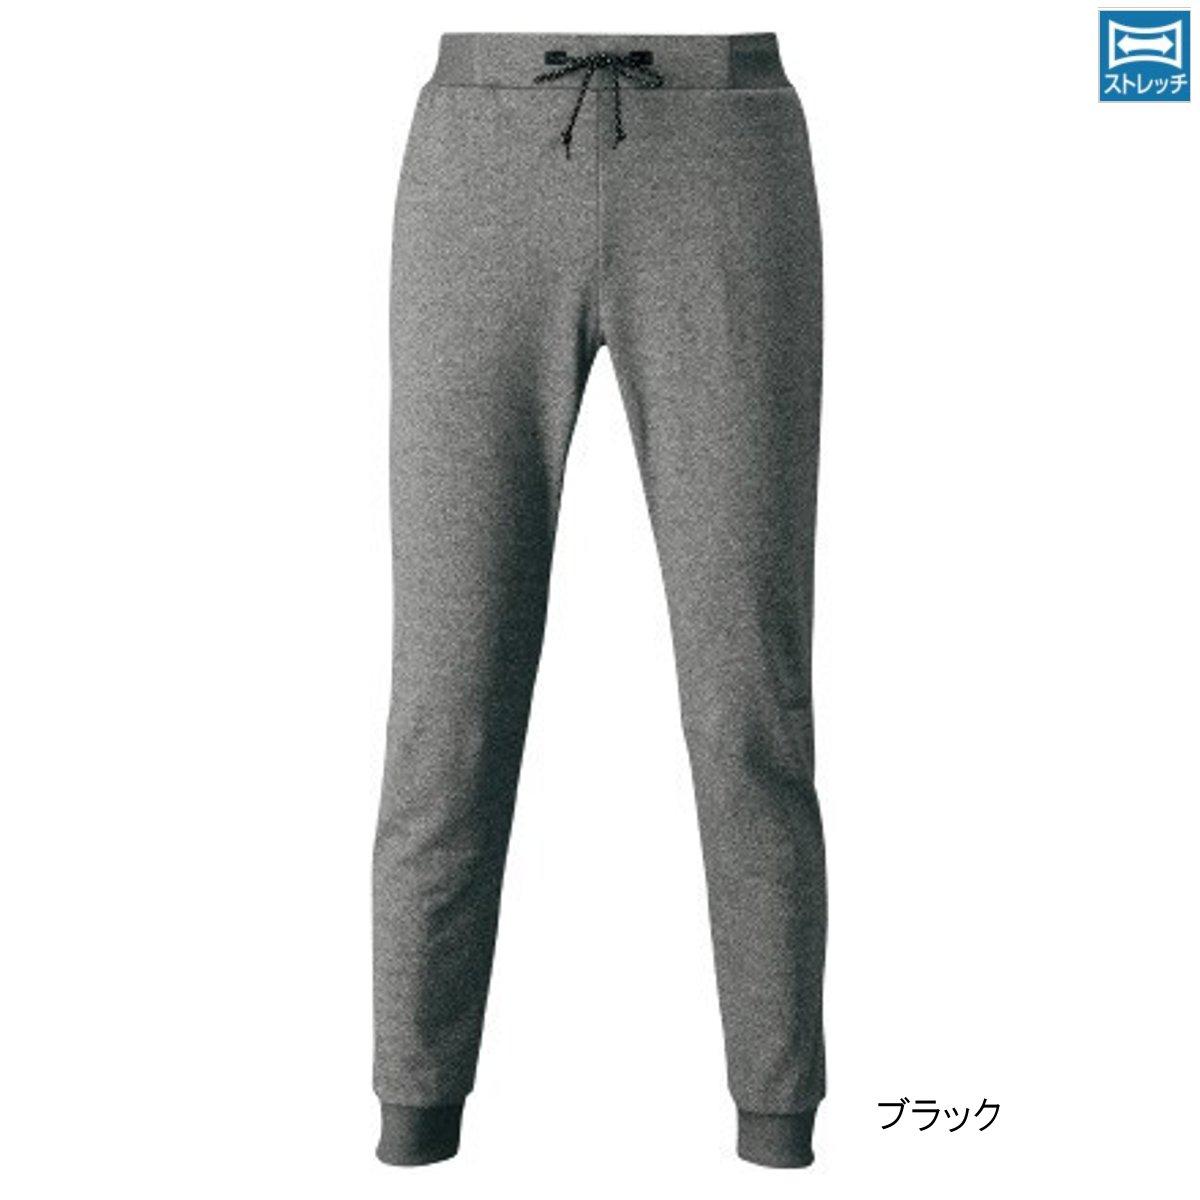 シマノ ライトスウェットパンツ WP-075S L ブラック(東日本店)